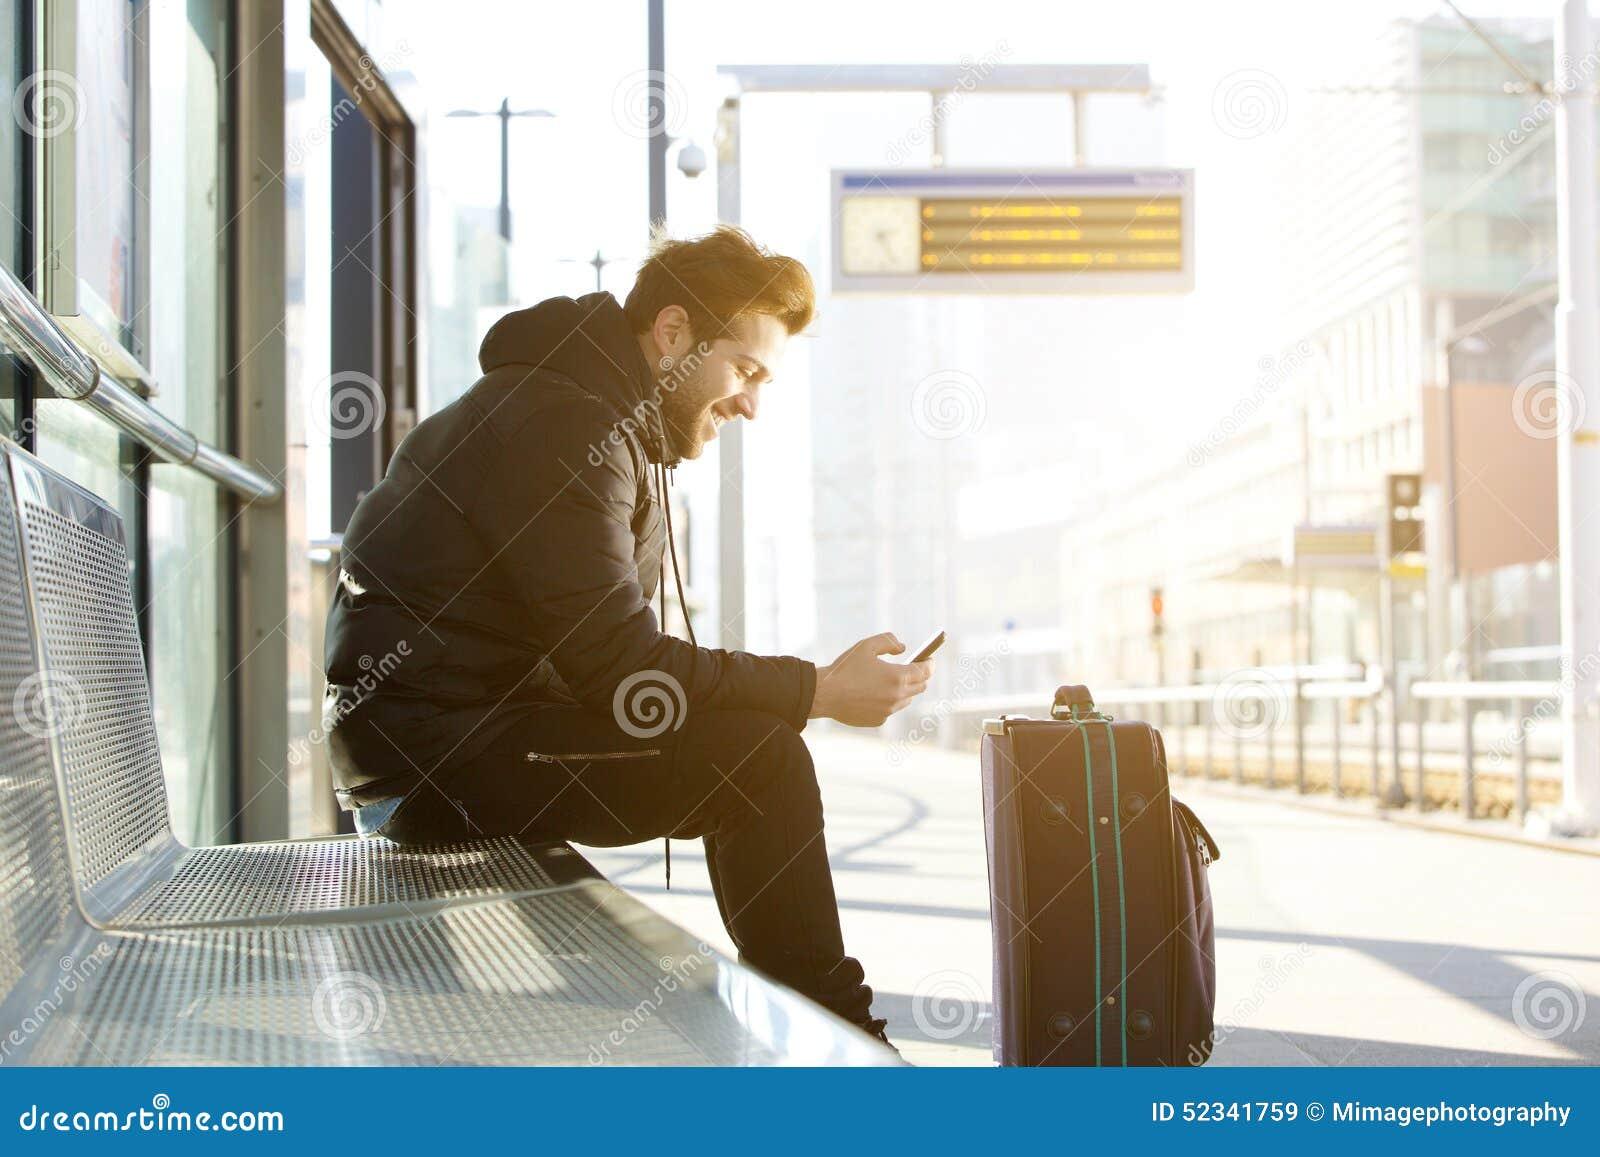 Móvil Con Teléfono Bolso Imagen Sonriente Hombre El Y De Joven 1aXqaxwA7